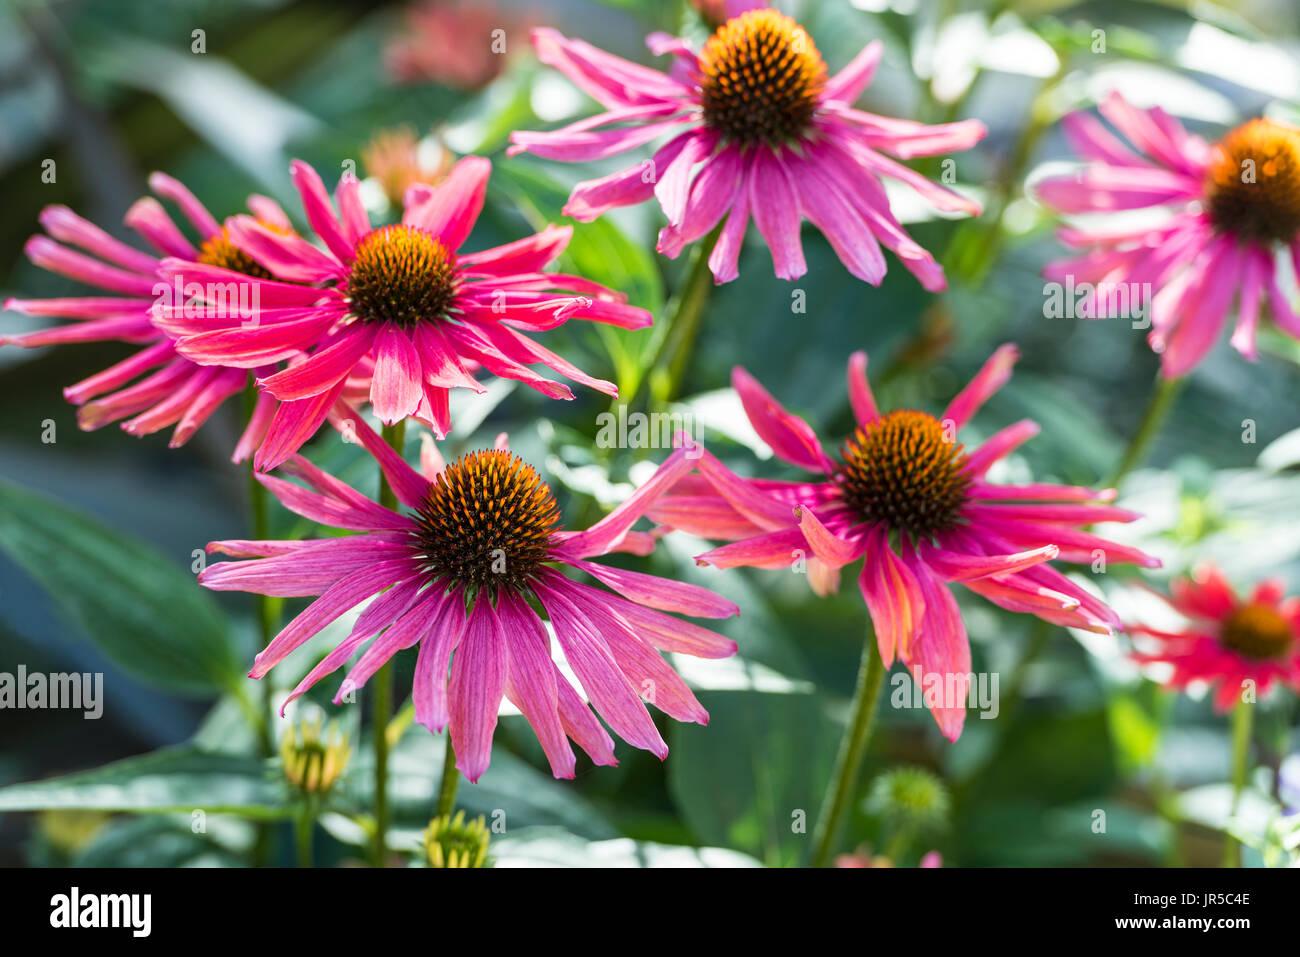 Echinace Mama Mia, Asterace. - Stock Image